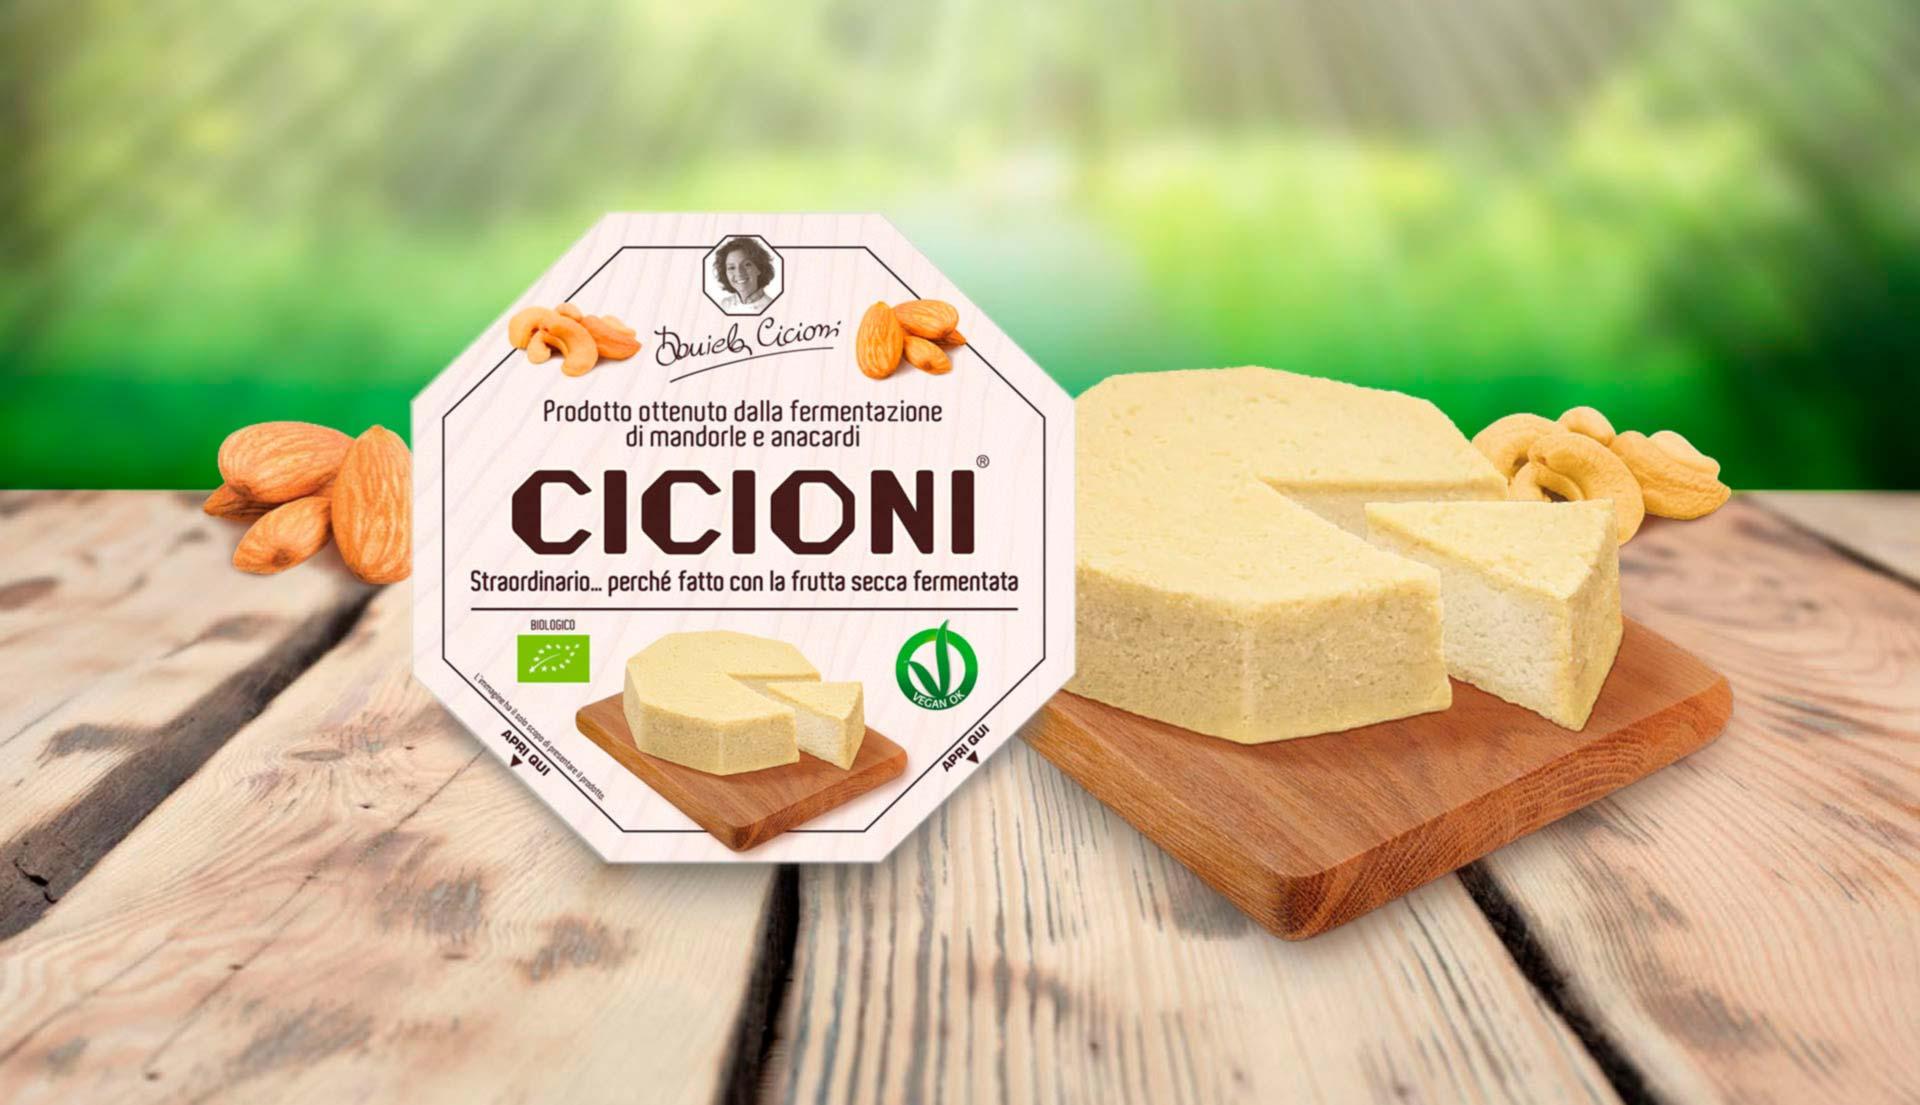 cicioni-fermentato